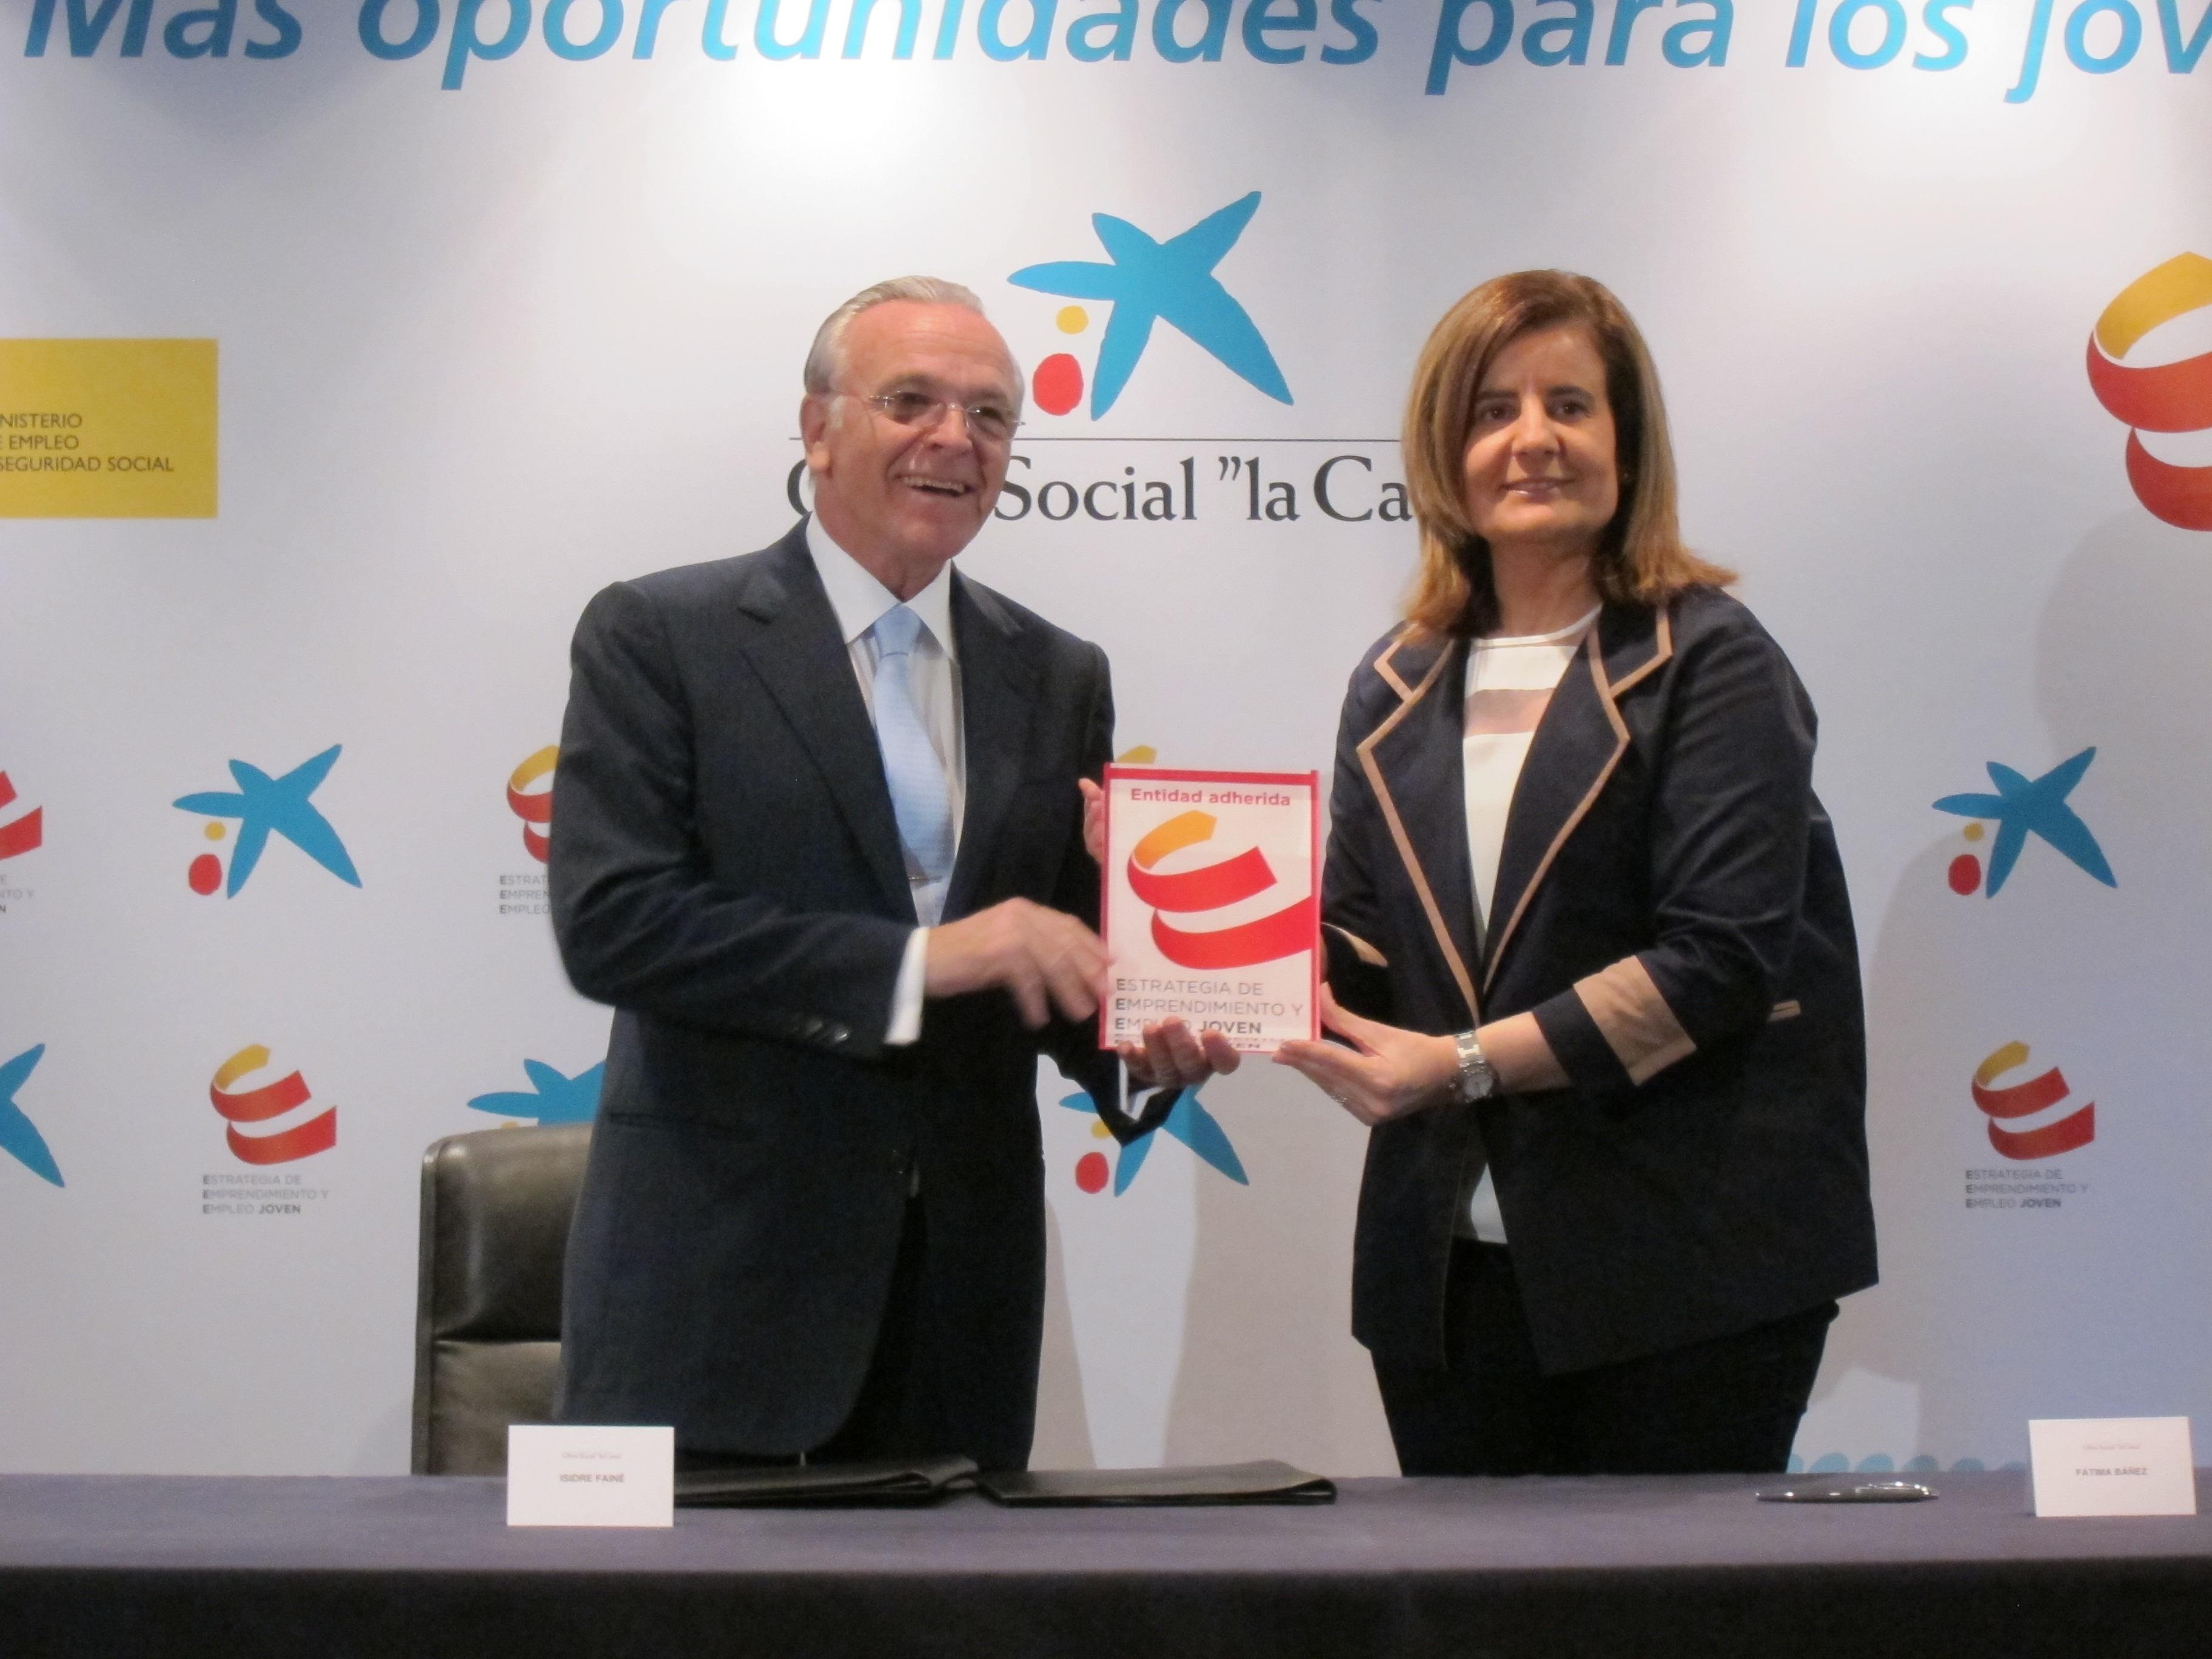 La Caixa destinará 6 millones de euros para crear 10000. empleos «jóvenes»